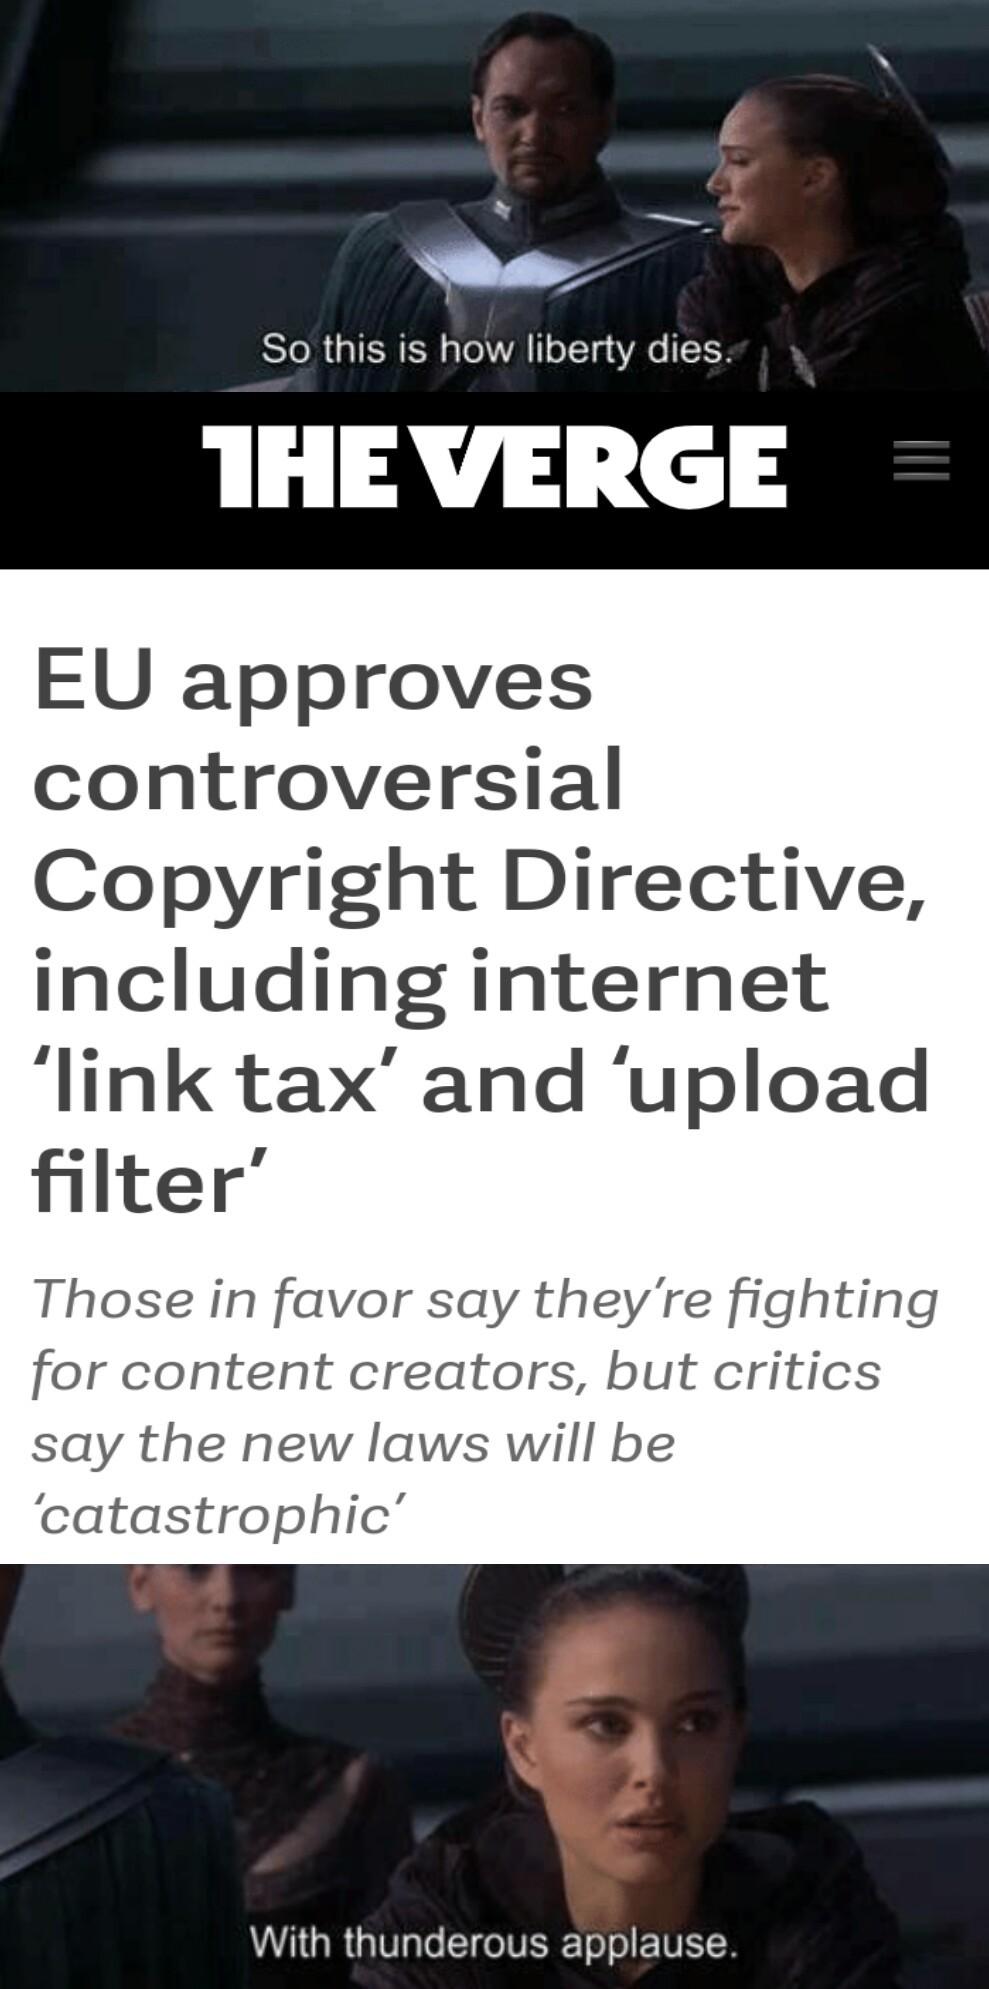 Press F for Europe - meme